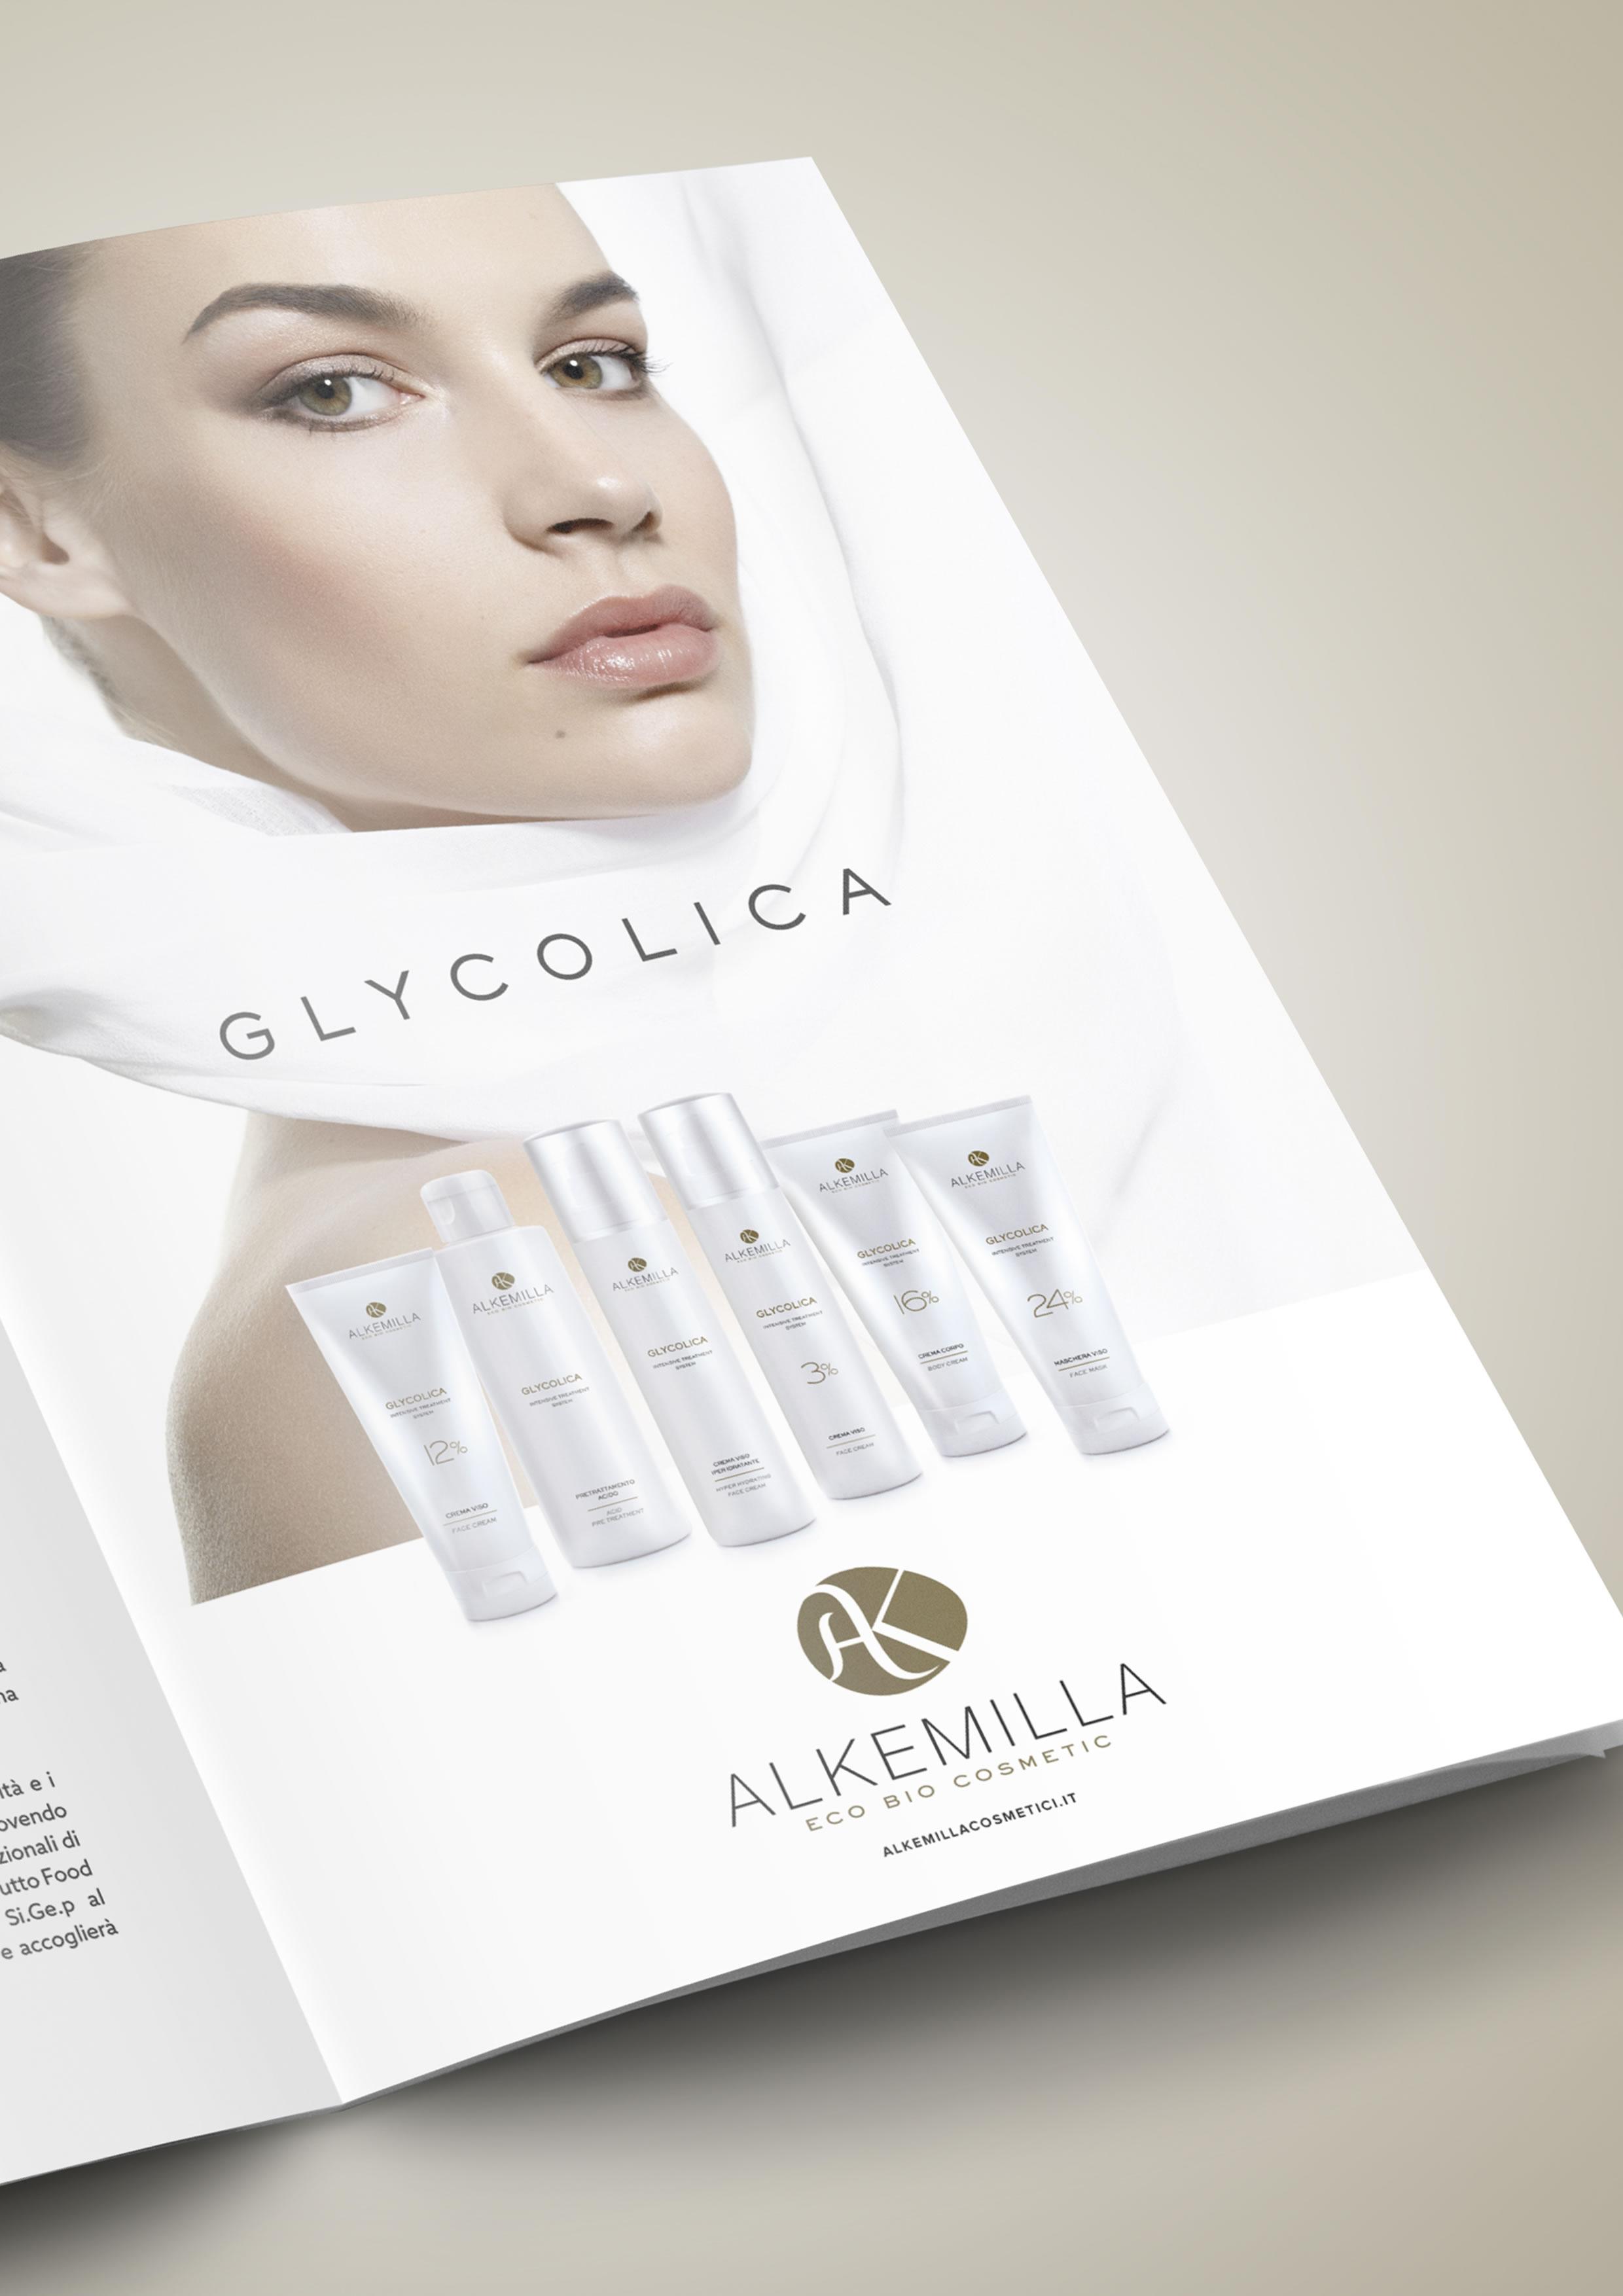 Glicolica Alkemilla